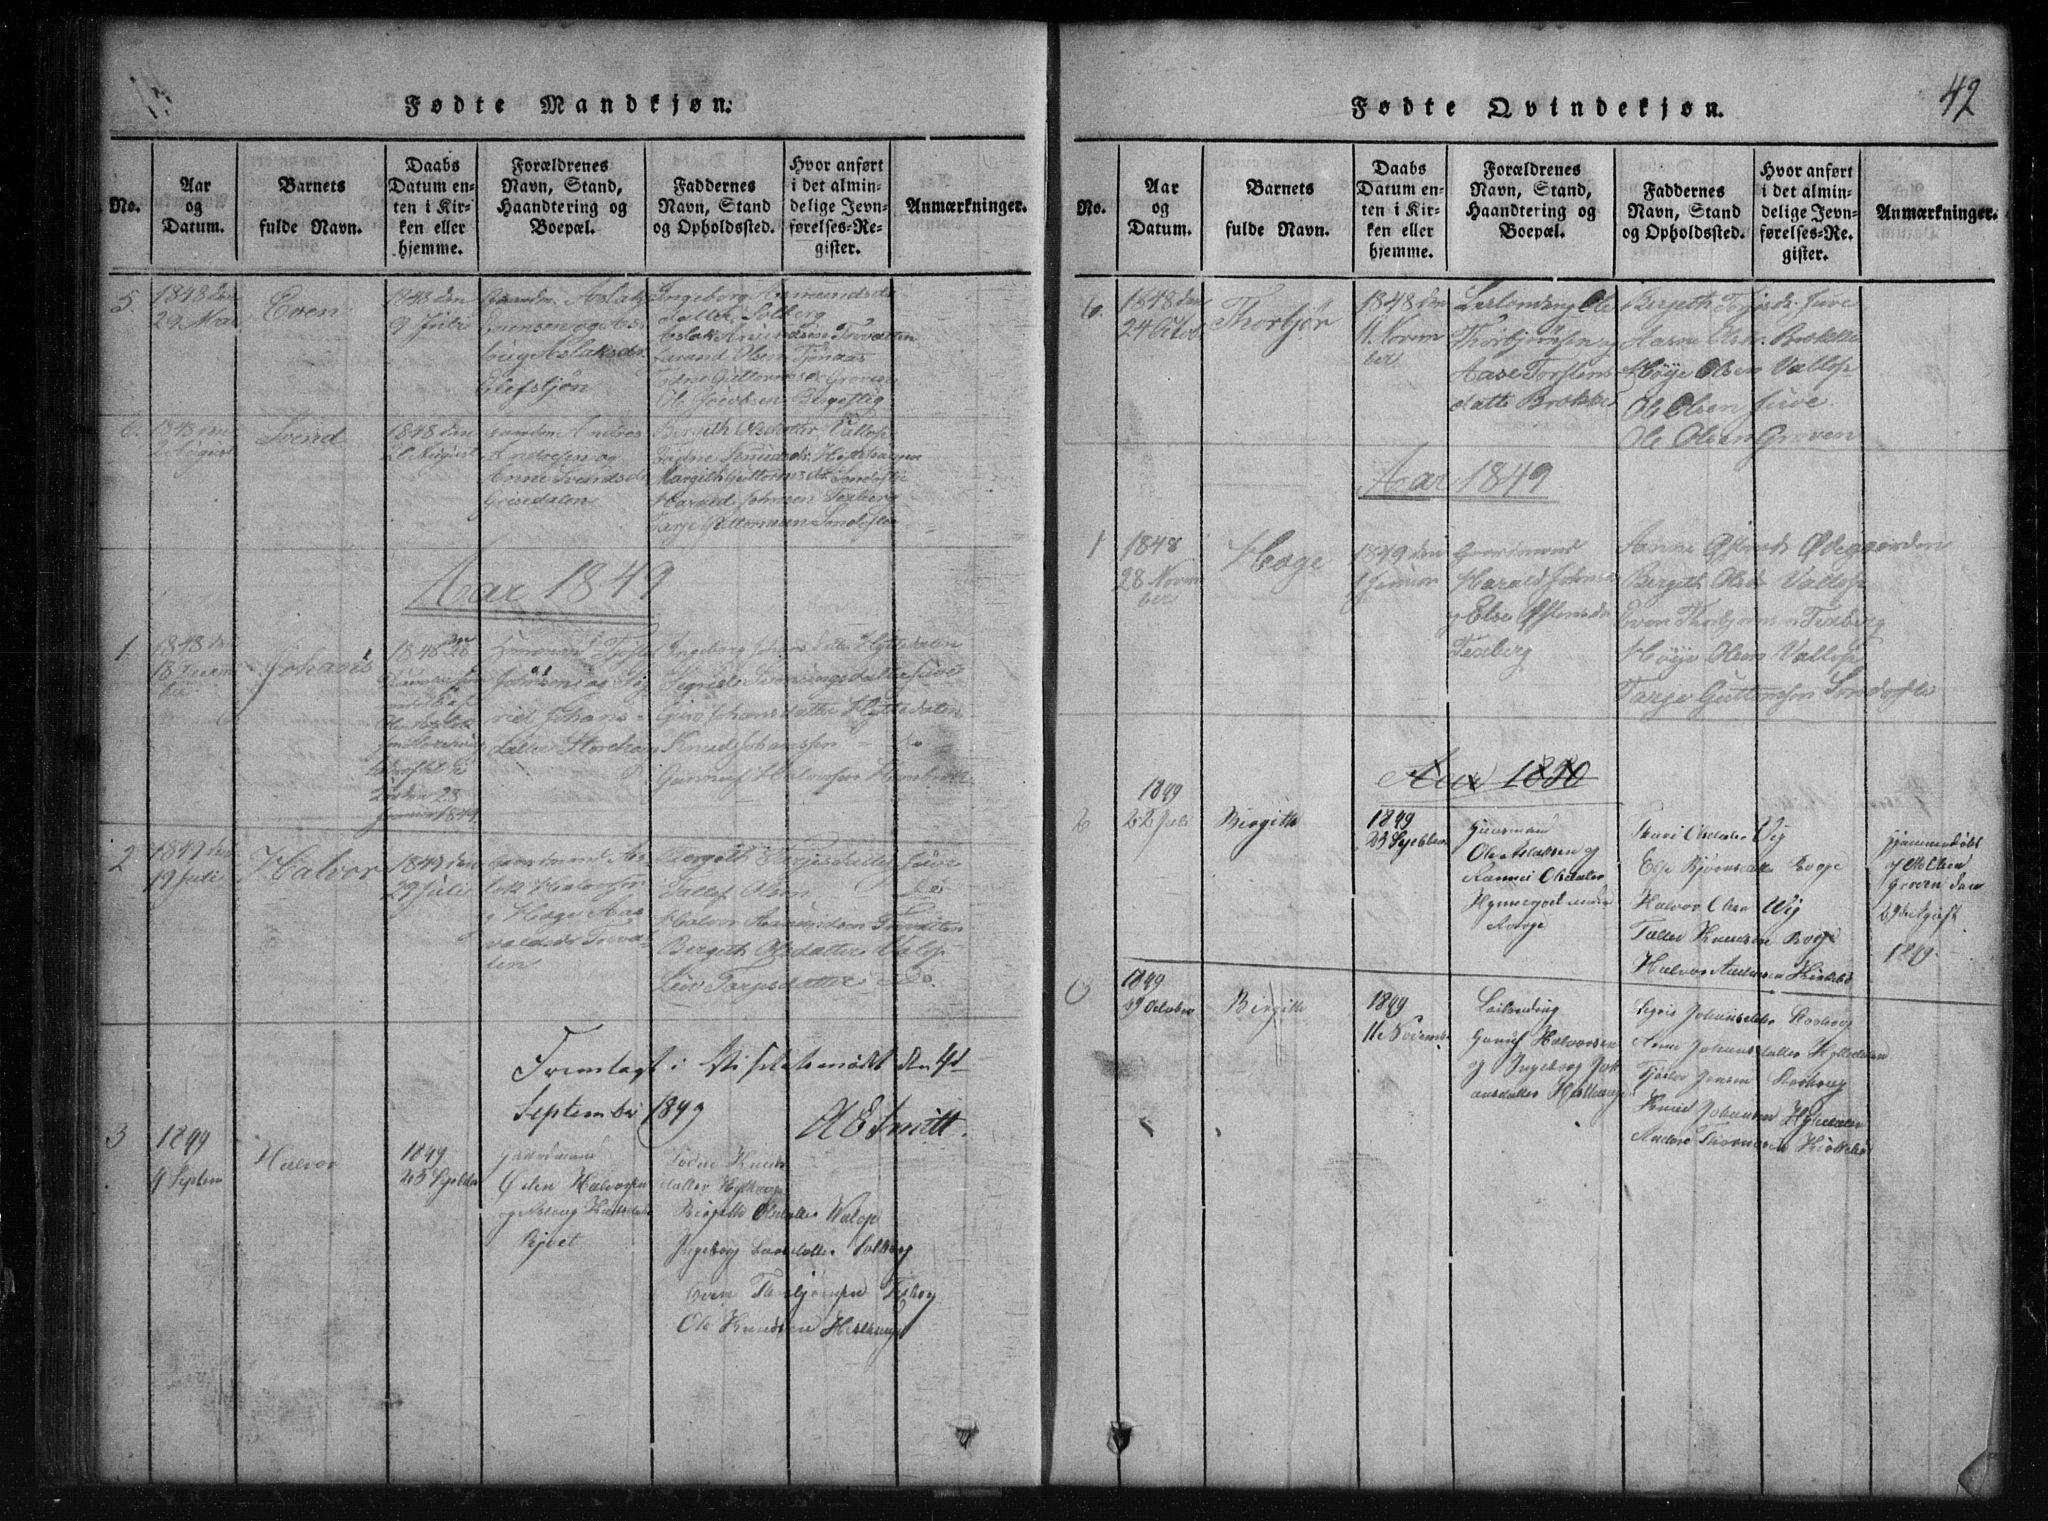 SAKO, Rauland kirkebøker, G/Gb/L0001: Klokkerbok nr. II 1, 1815-1886, s. 42